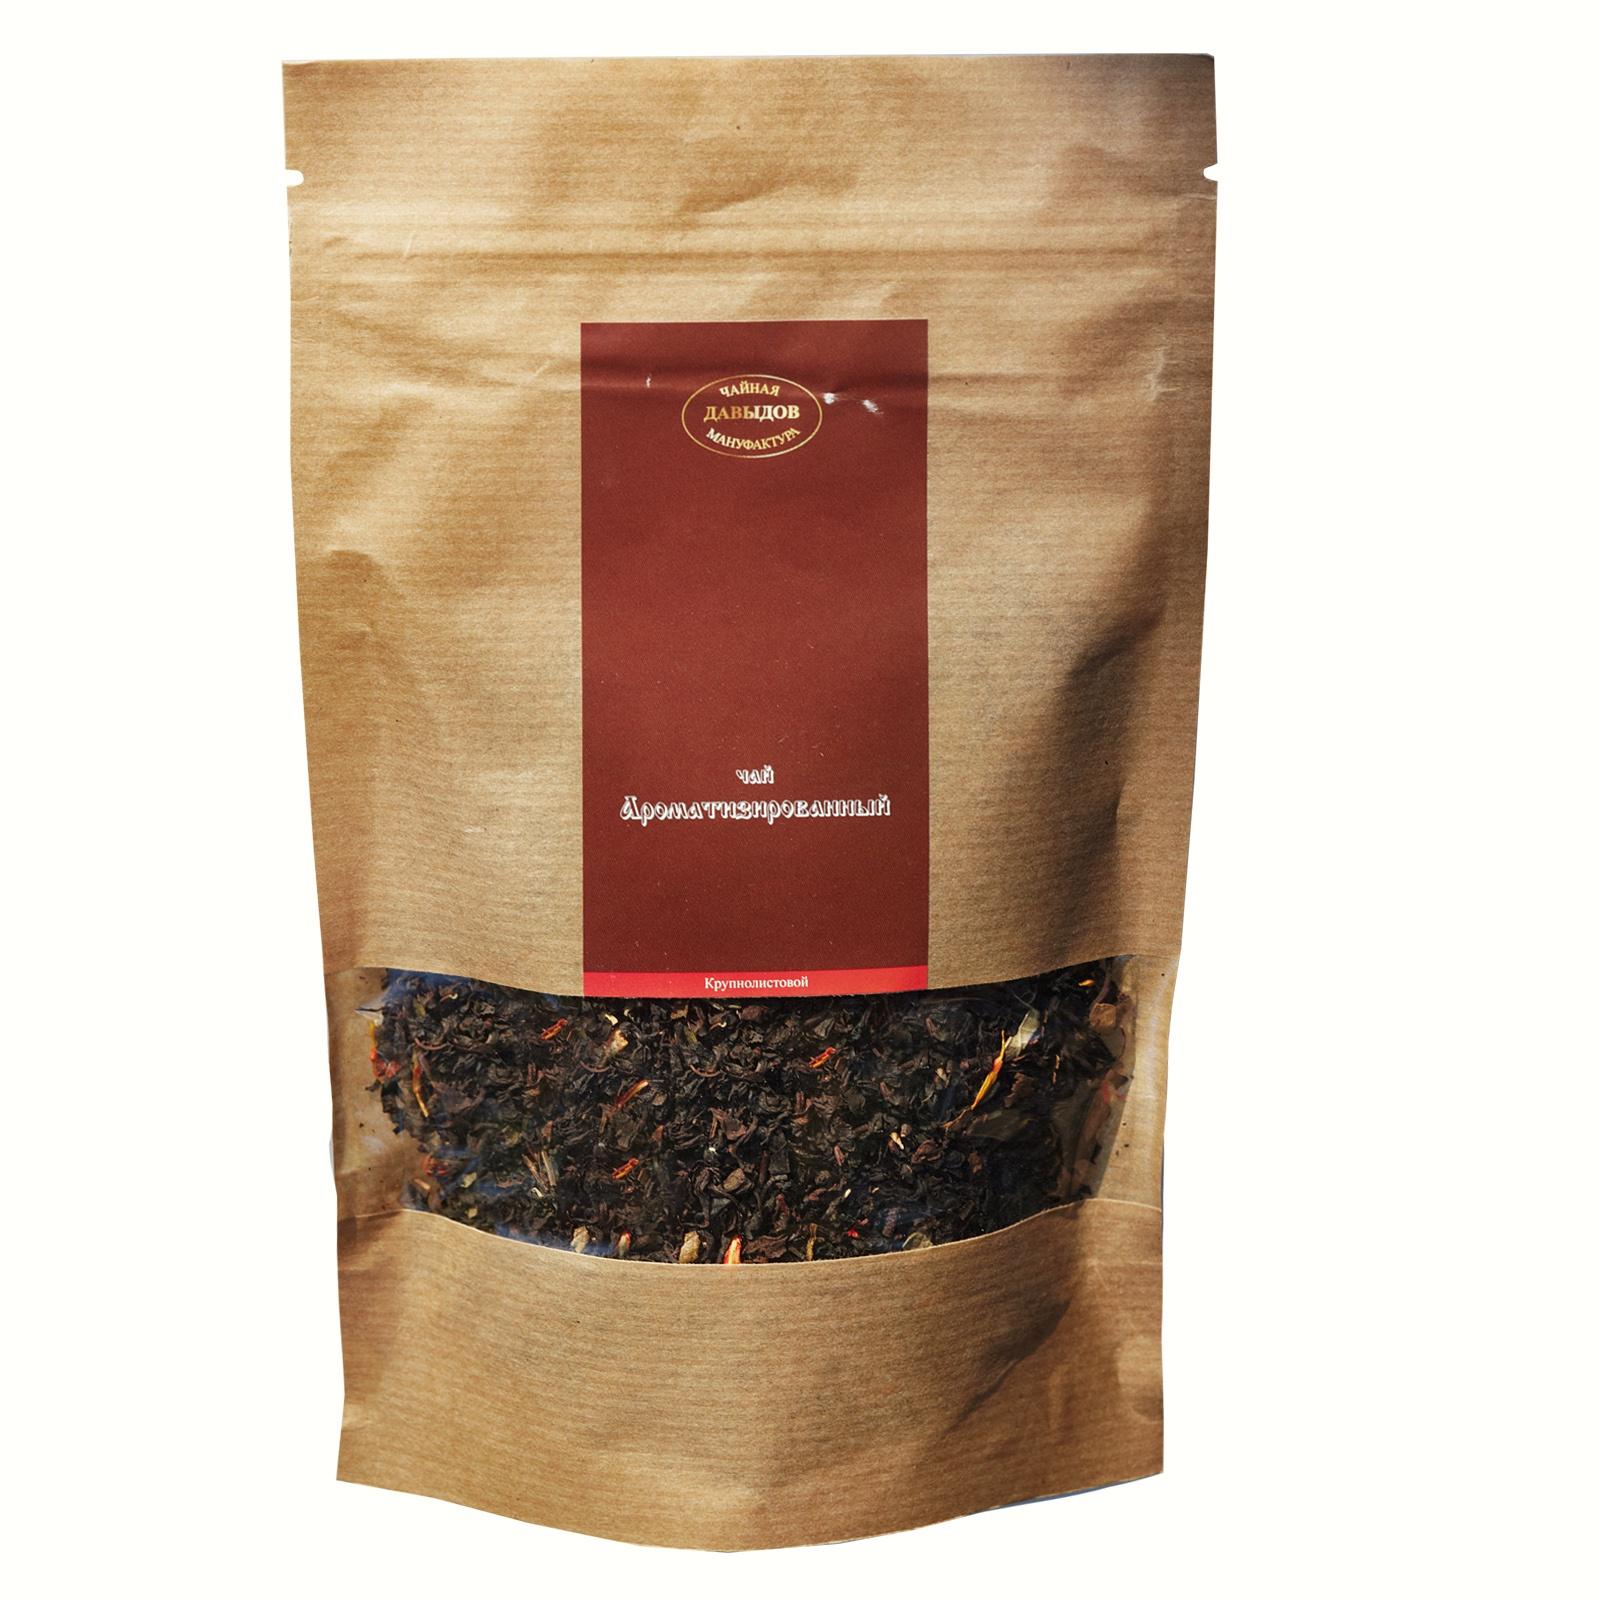 цены на Чай черный цейлонский байховый ароматизированный Земляника со сливками 100 г Дой пак  в интернет-магазинах